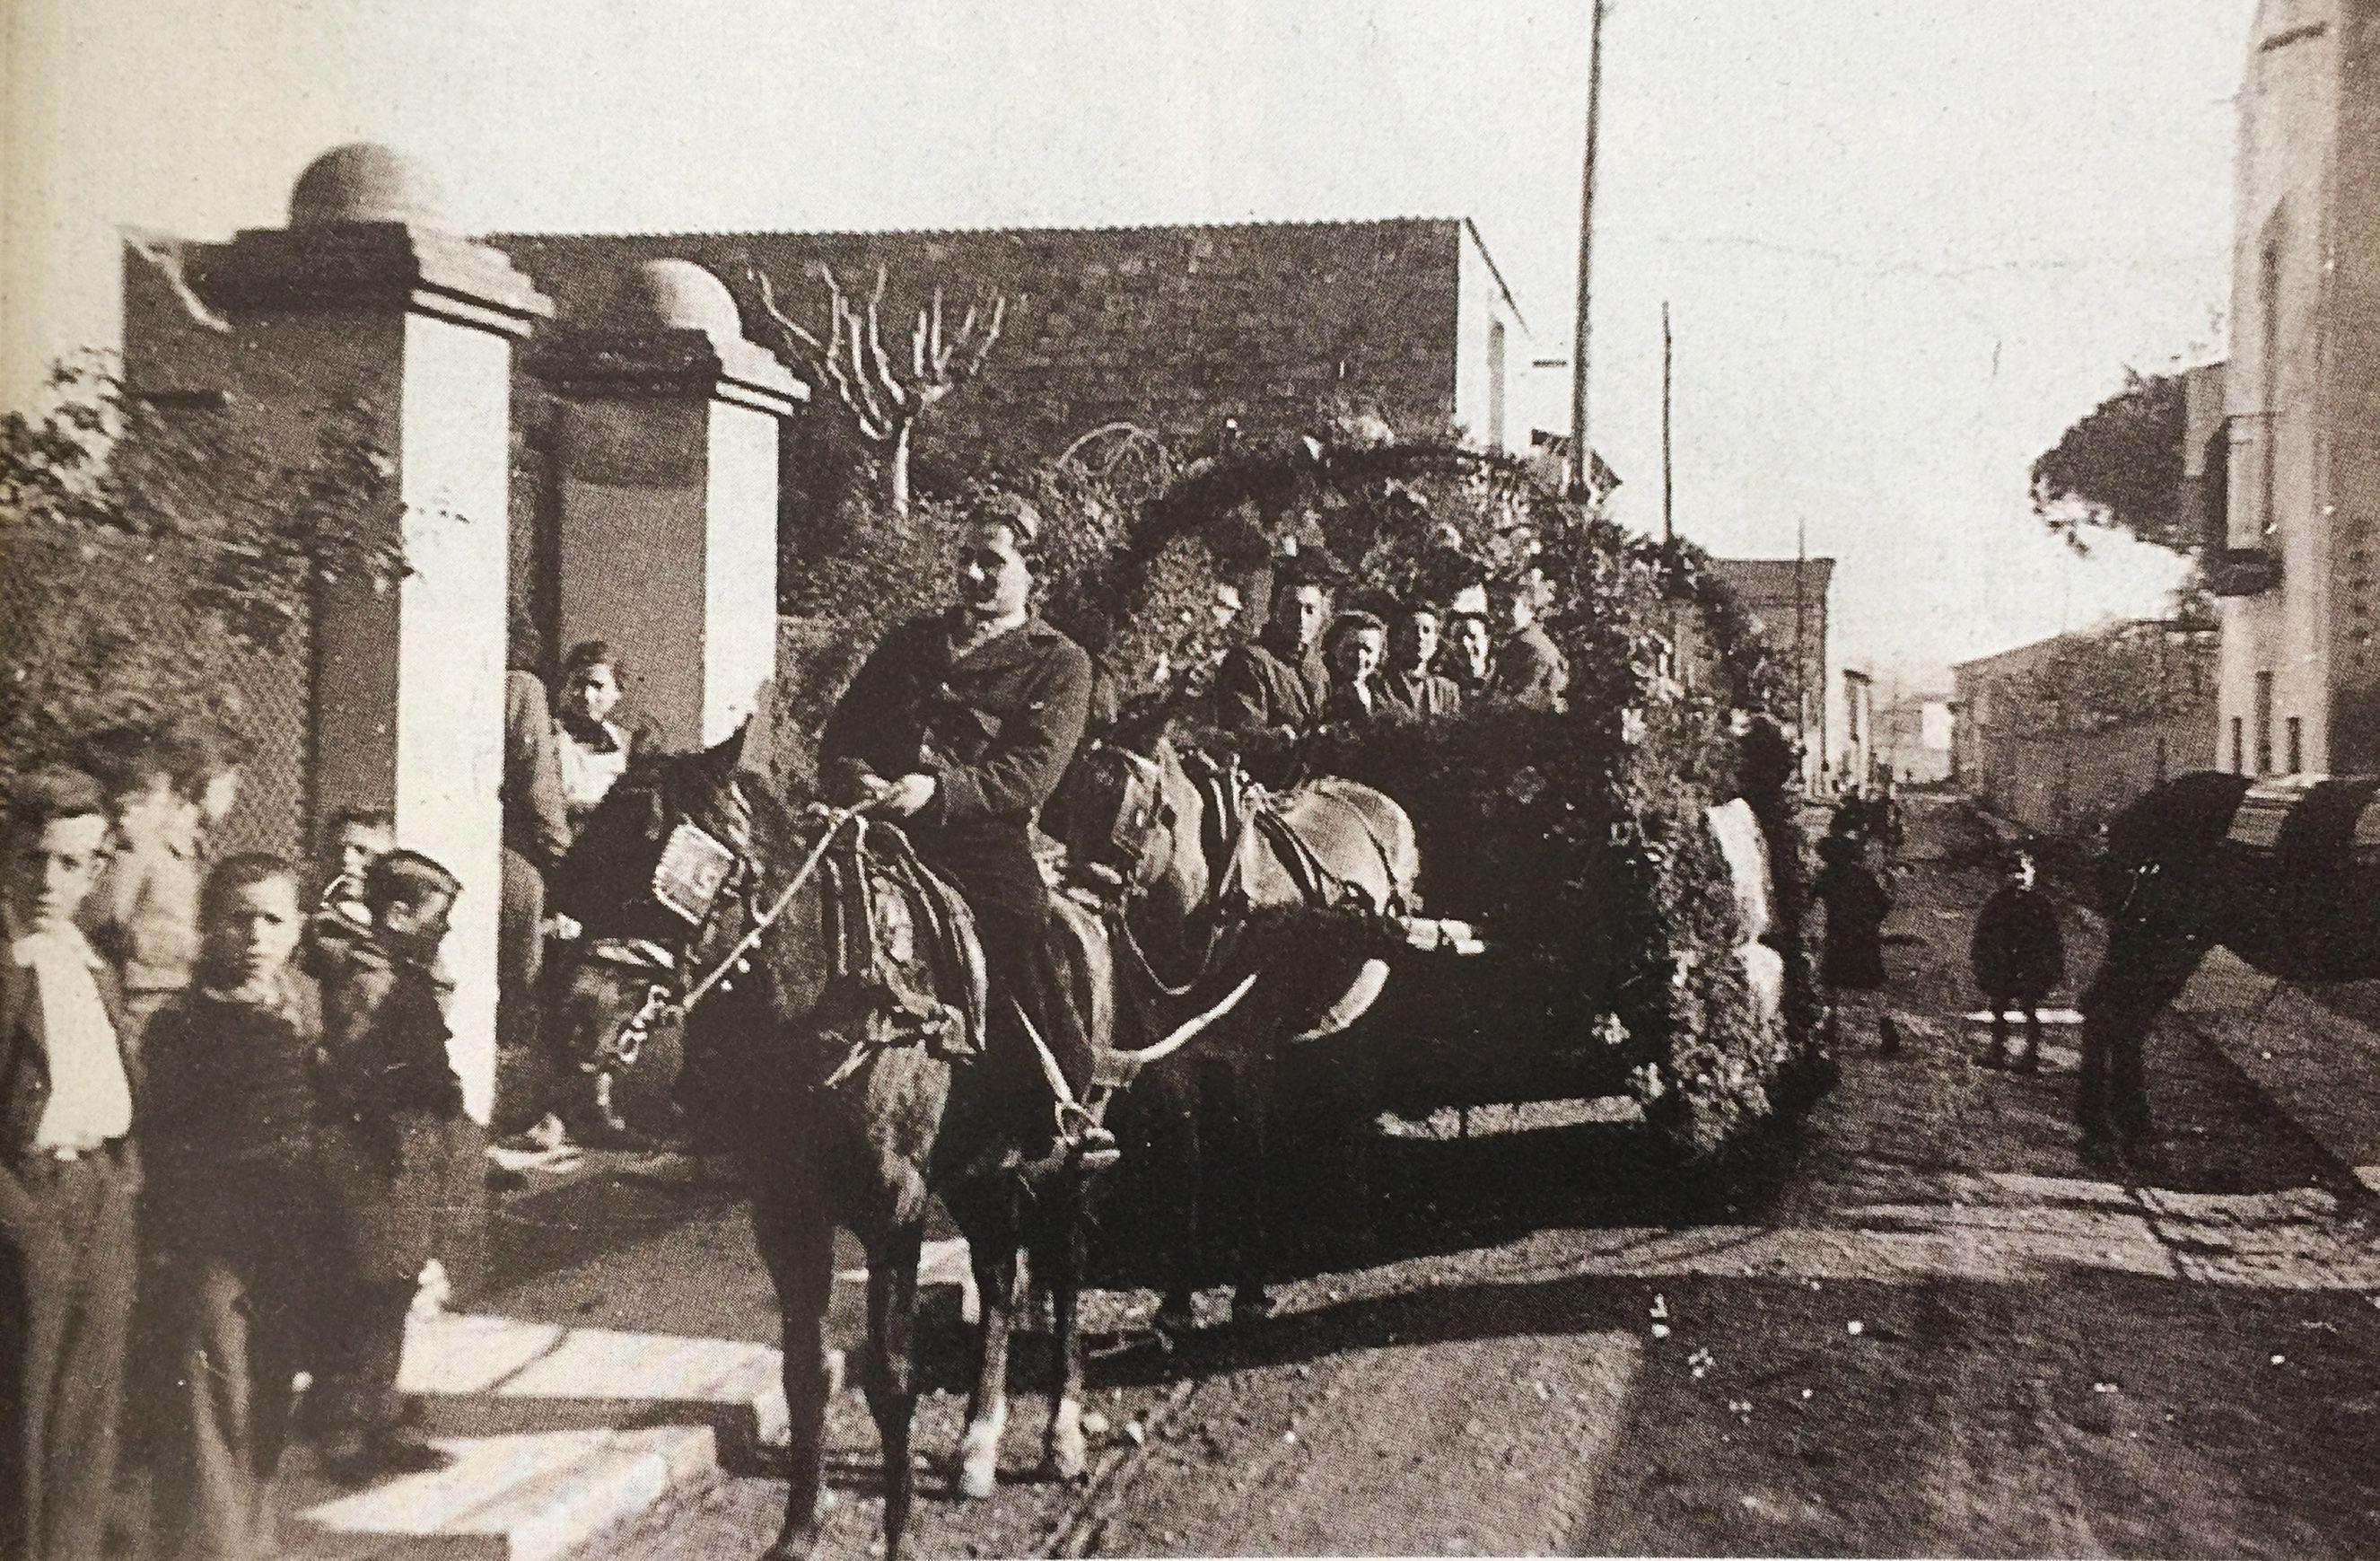 Els Tres Tombs al carrer Nord, als anys 50 (Imatge publicada al TOT Cerdanyola, 446). FOTO: Arxiu del TOT